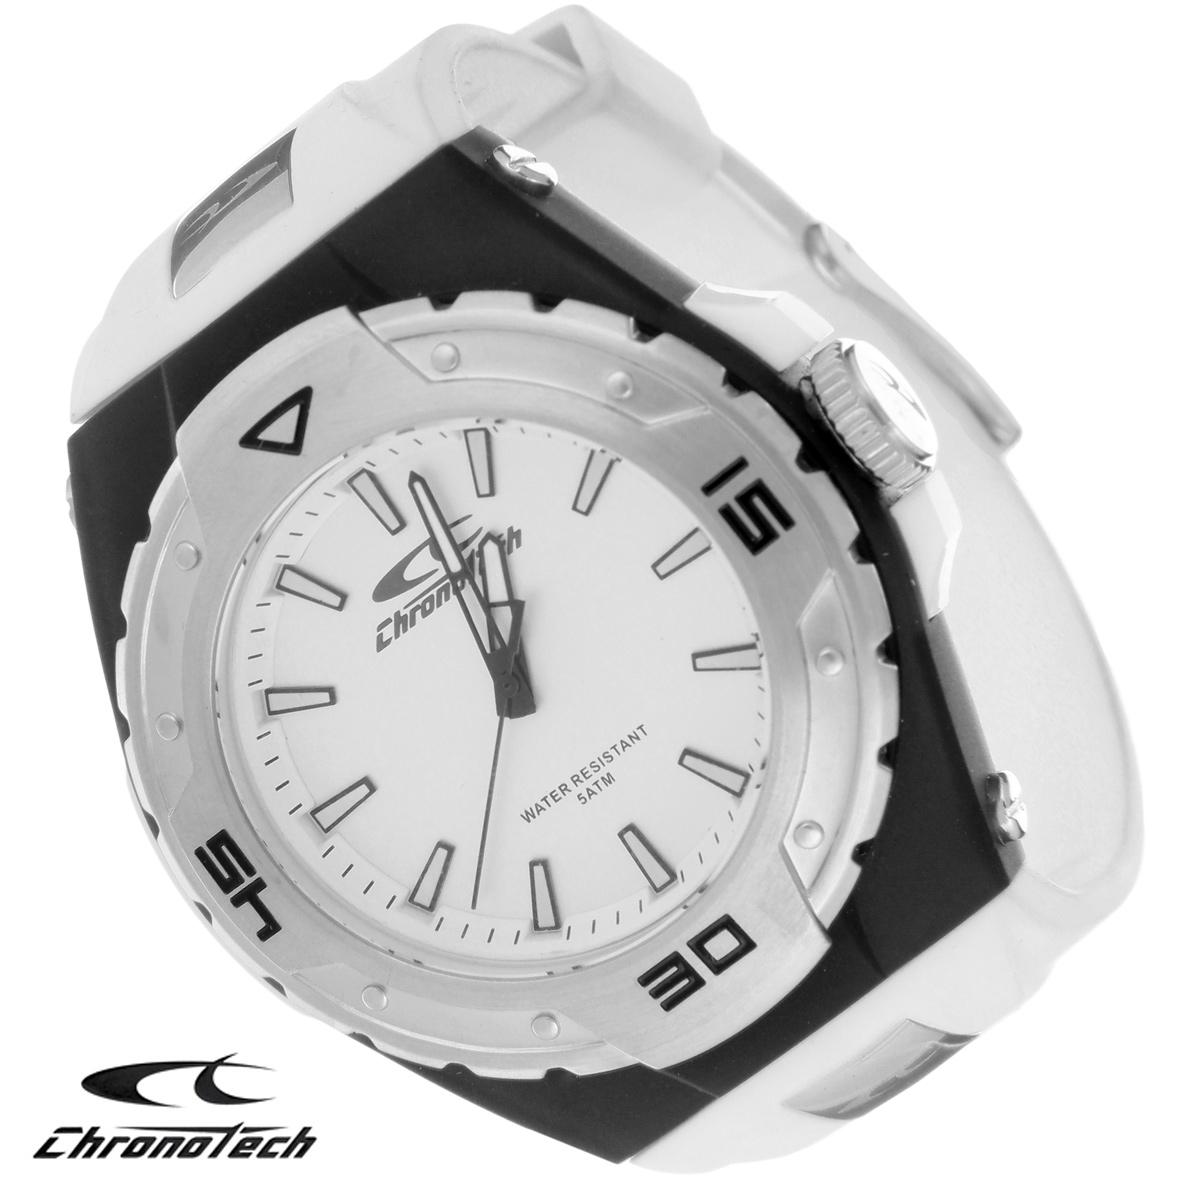 Часы мужские наручные Chronotech, цвет: белый, серый. RW0016RW0016Часы Chronotech - это часы для современных и стильных людей, которые стремятся выделиться из толпы и подчеркнуть свою индивидуальность. Корпус часов выполнен из нержавеющей стали с покрытием. Циферблат оформлен отметками и защищен минеральным стеклом. Часы имеют три стрелки - часовую, минутную и секундную. Стрелки и отметки светятся в темноте. Ремешок часов выполнен из полиуретана и застегивается на классическую застежку. Часы выполнены в спортивном стиле. Часы упакованы в фирменную коробку с логотипом компании Chronotech. Такой аксессуар добавит вашему образу стиля и подчеркнет безупречный вкус своего владельца. Характеристики: Диаметр циферблата: 3,1 см. Размер корпуса: 5 см х 5 см х 1,1 см. Длина ремешка (с корпусом): 22 см. Ширина ремешка: 2,3 см.